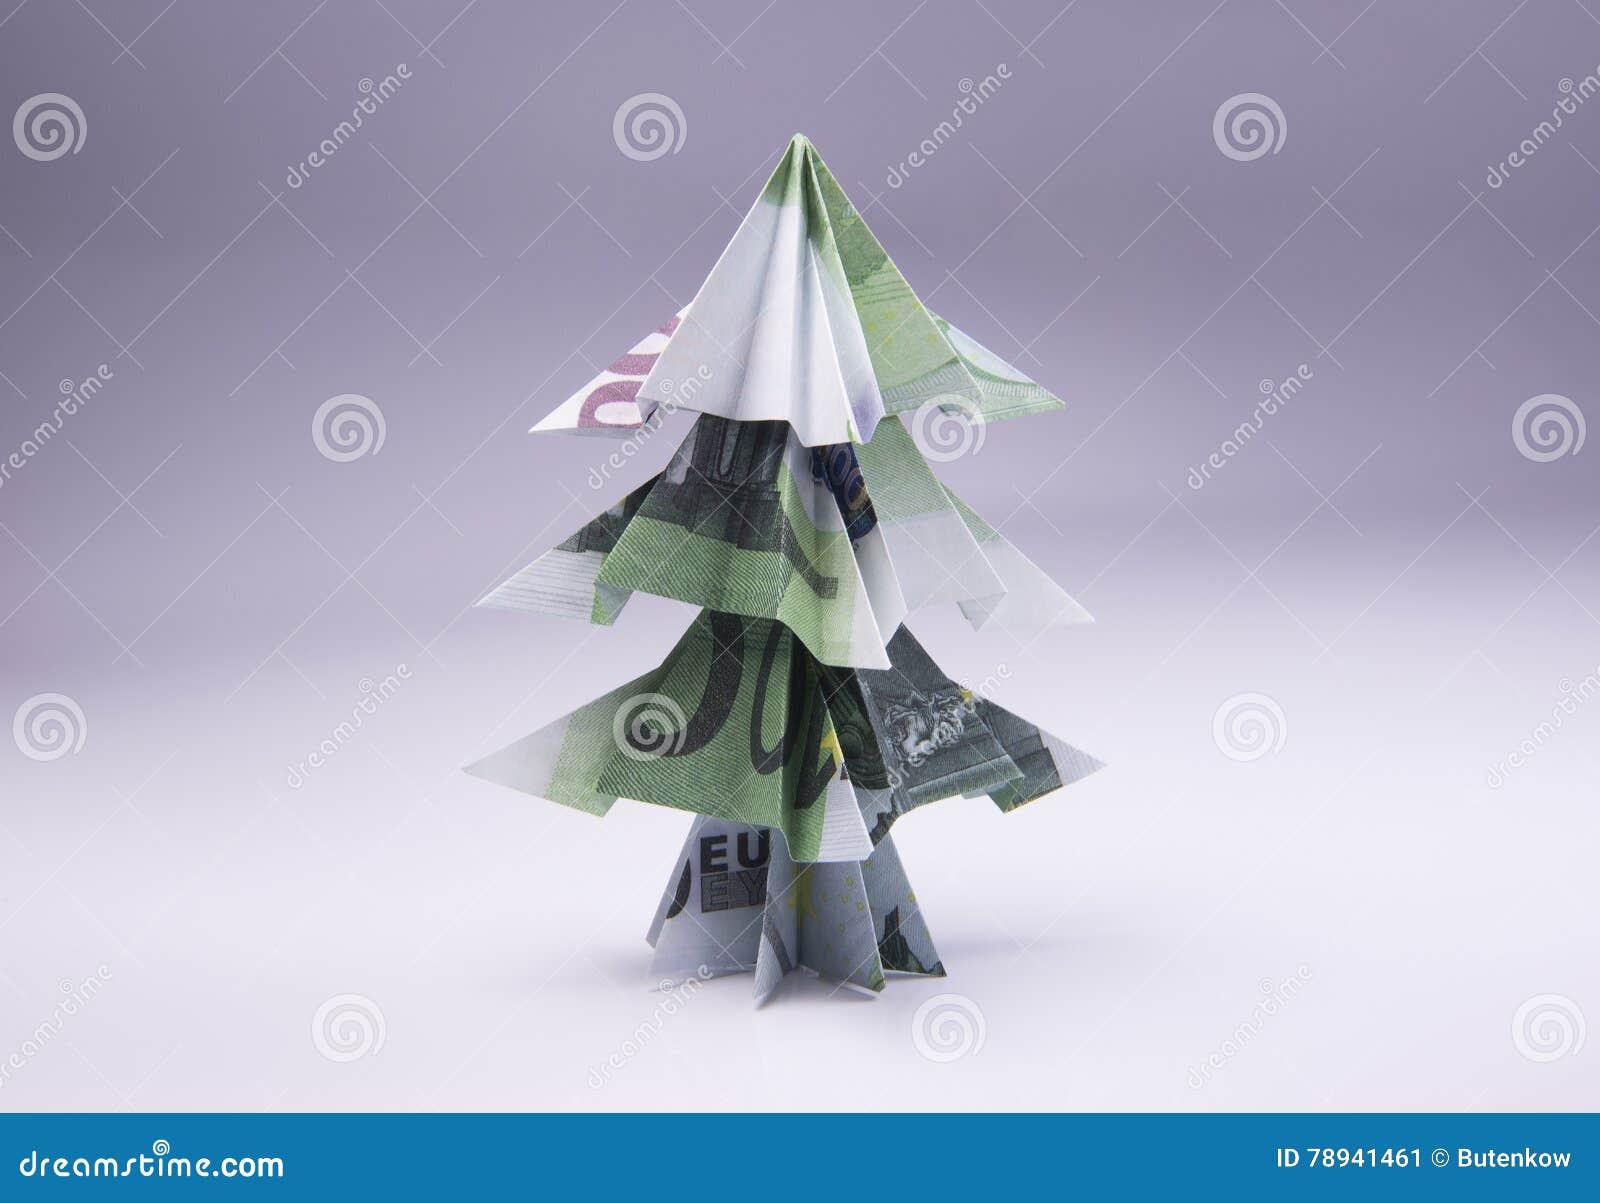 Money Easy Tree - Make-Origami.com | 994x1300